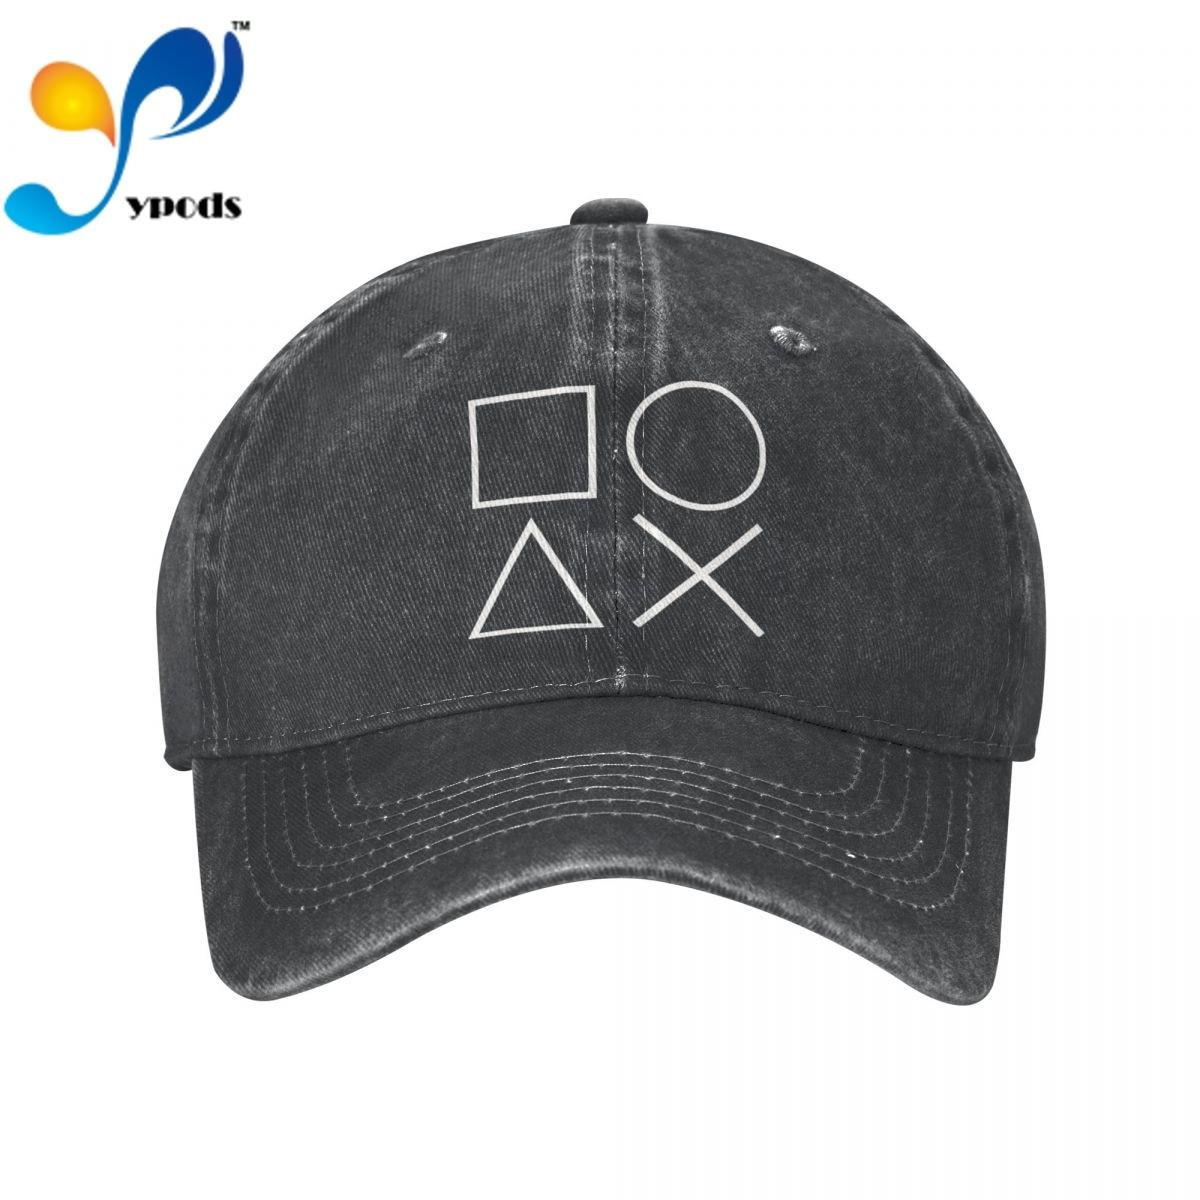 Креативная игровая хлопковая кепка американского размера для мужчин и женщин, бейсболка кола, кепки, кепки, бейсболка, кепка, кепка для папы